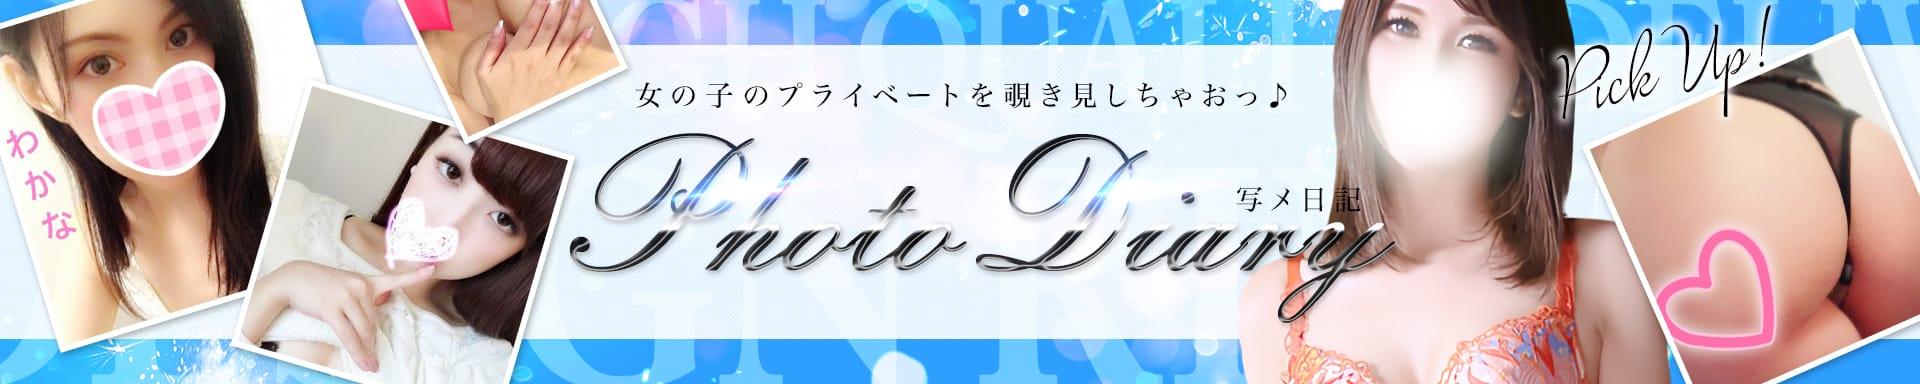 横浜デリヘル 新横浜デザインリング その3